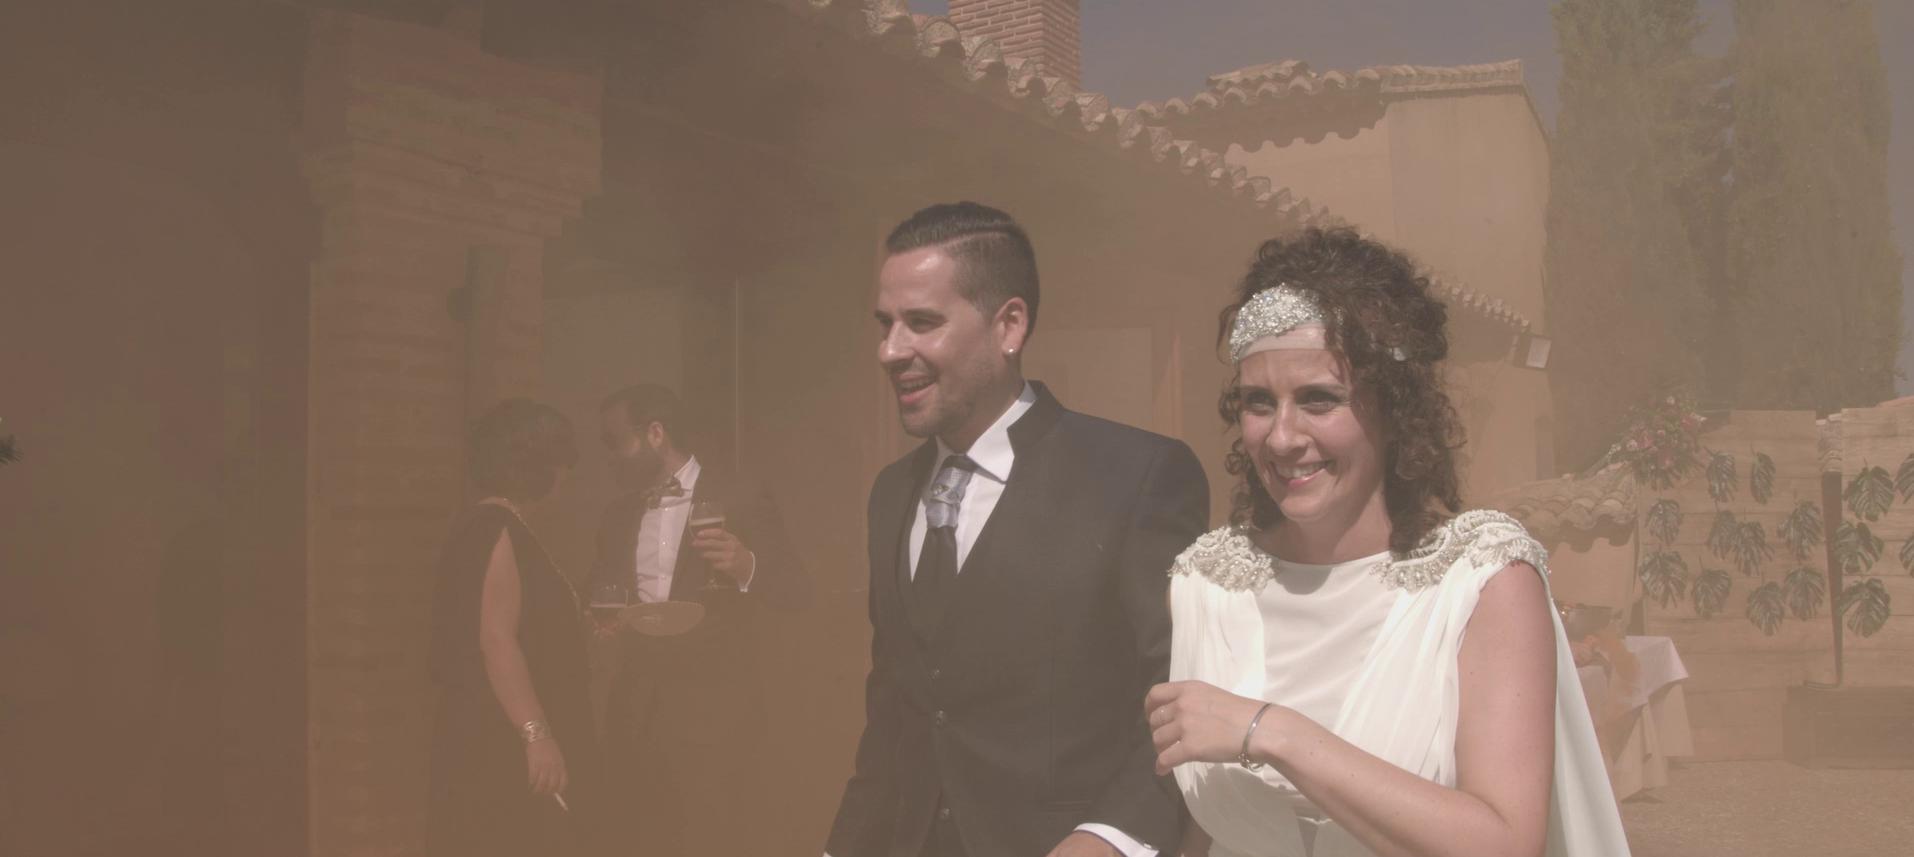 La boda de Rober y Noelia en Tiedra, Valladolid